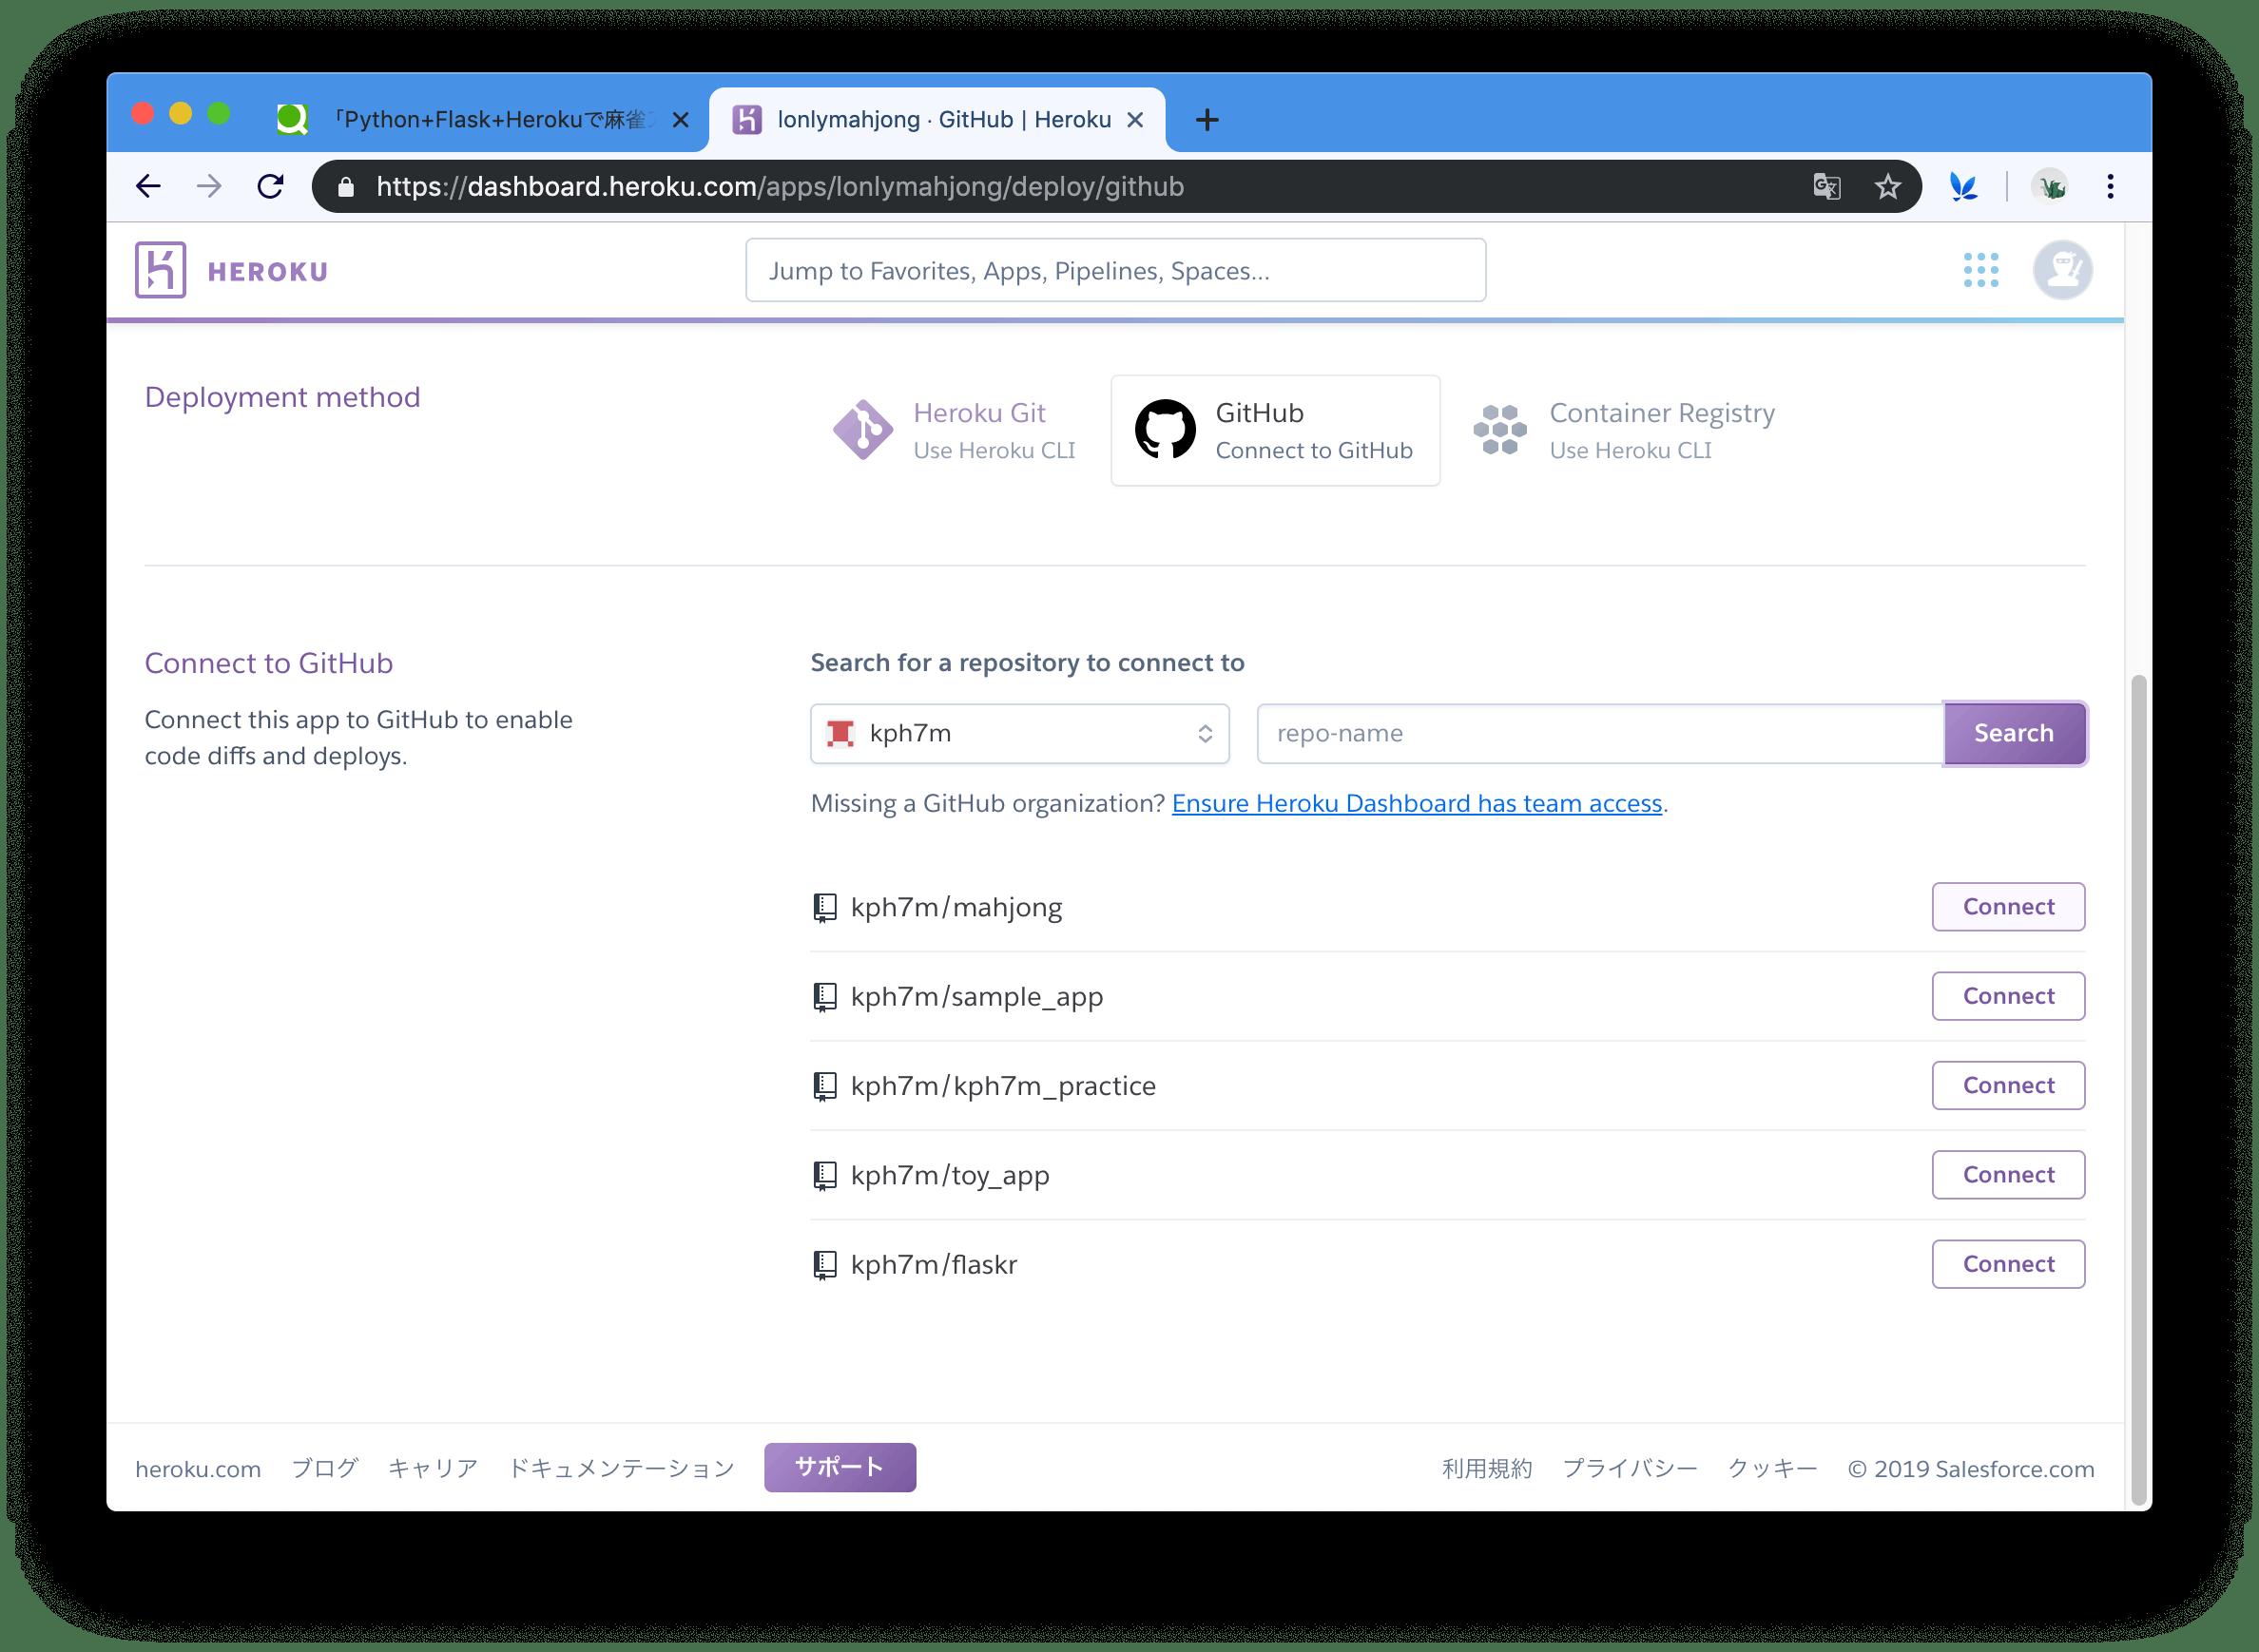 スクリーンショット 2019-06-10 3.31.23.png